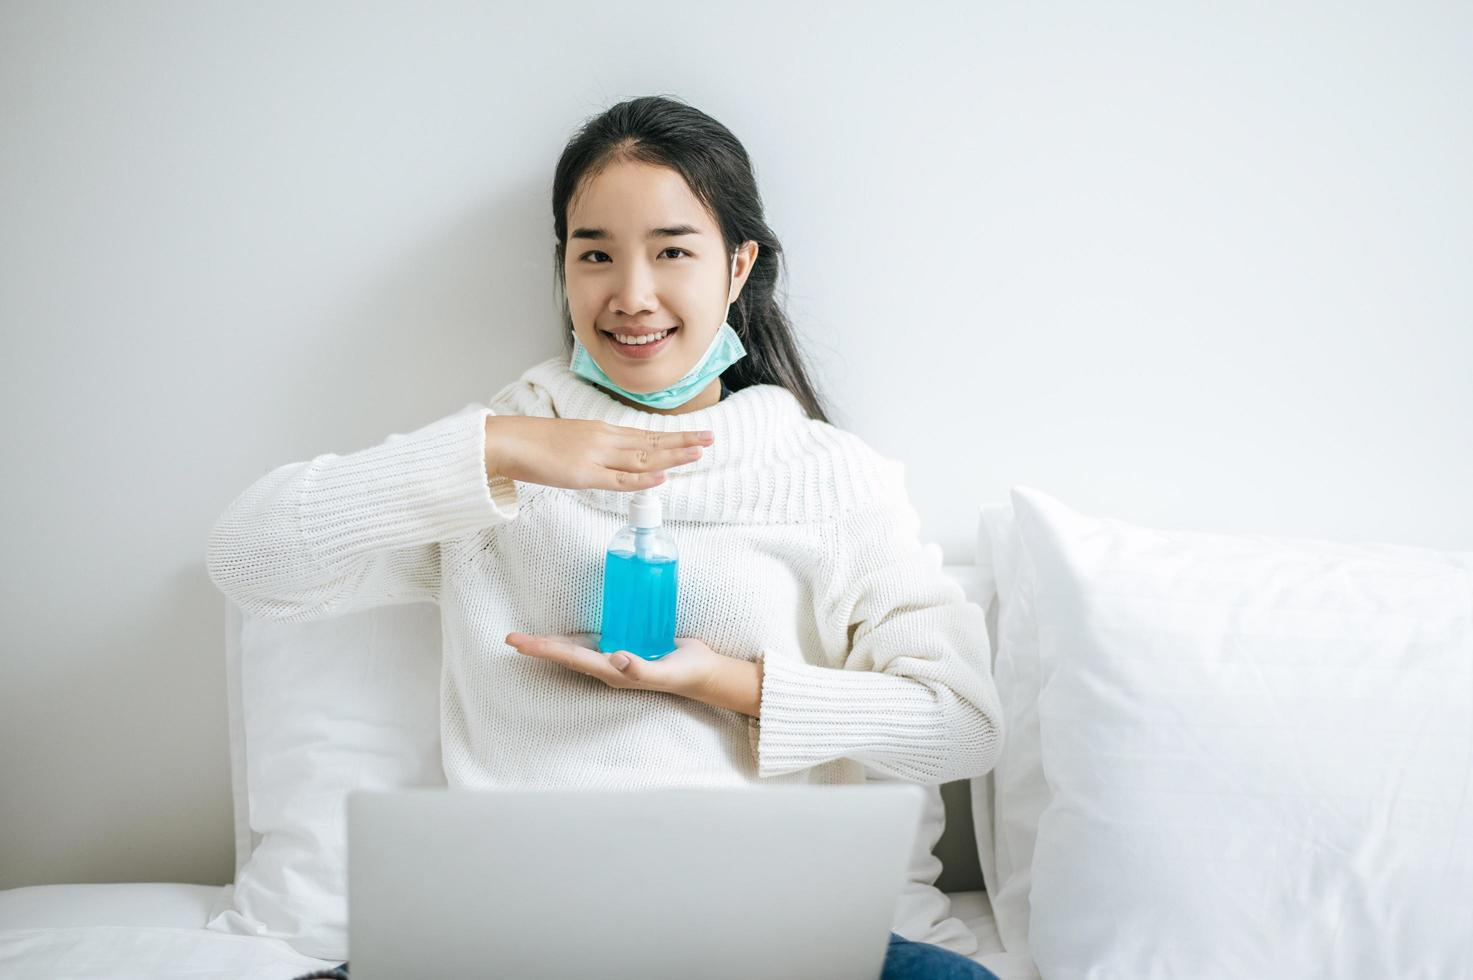 junge Frau auf Bett, die Handwaschgel hält foto